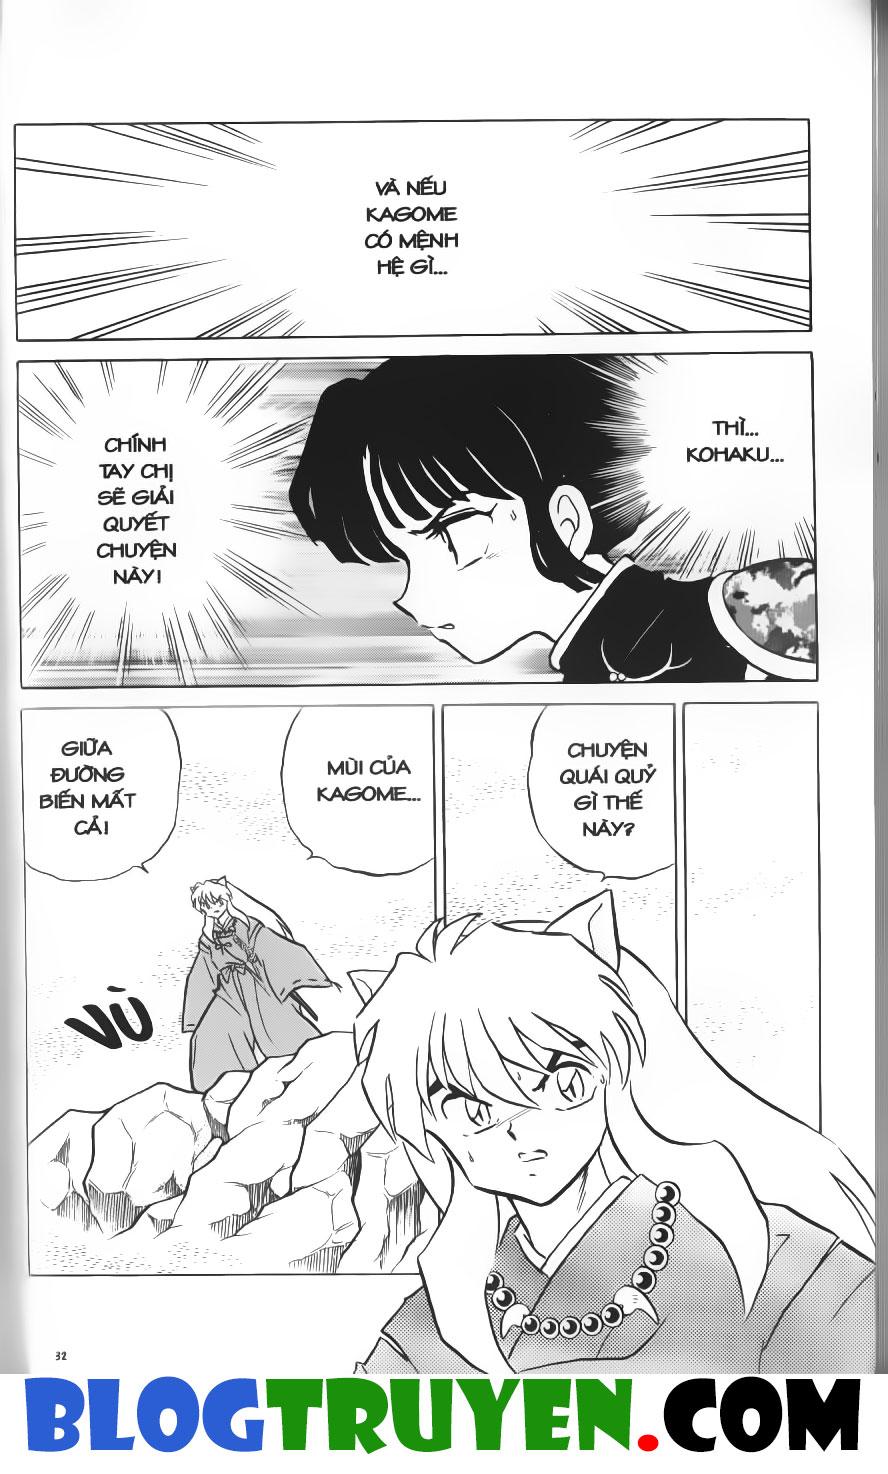 Inuyasha vol 19.2 trang 11